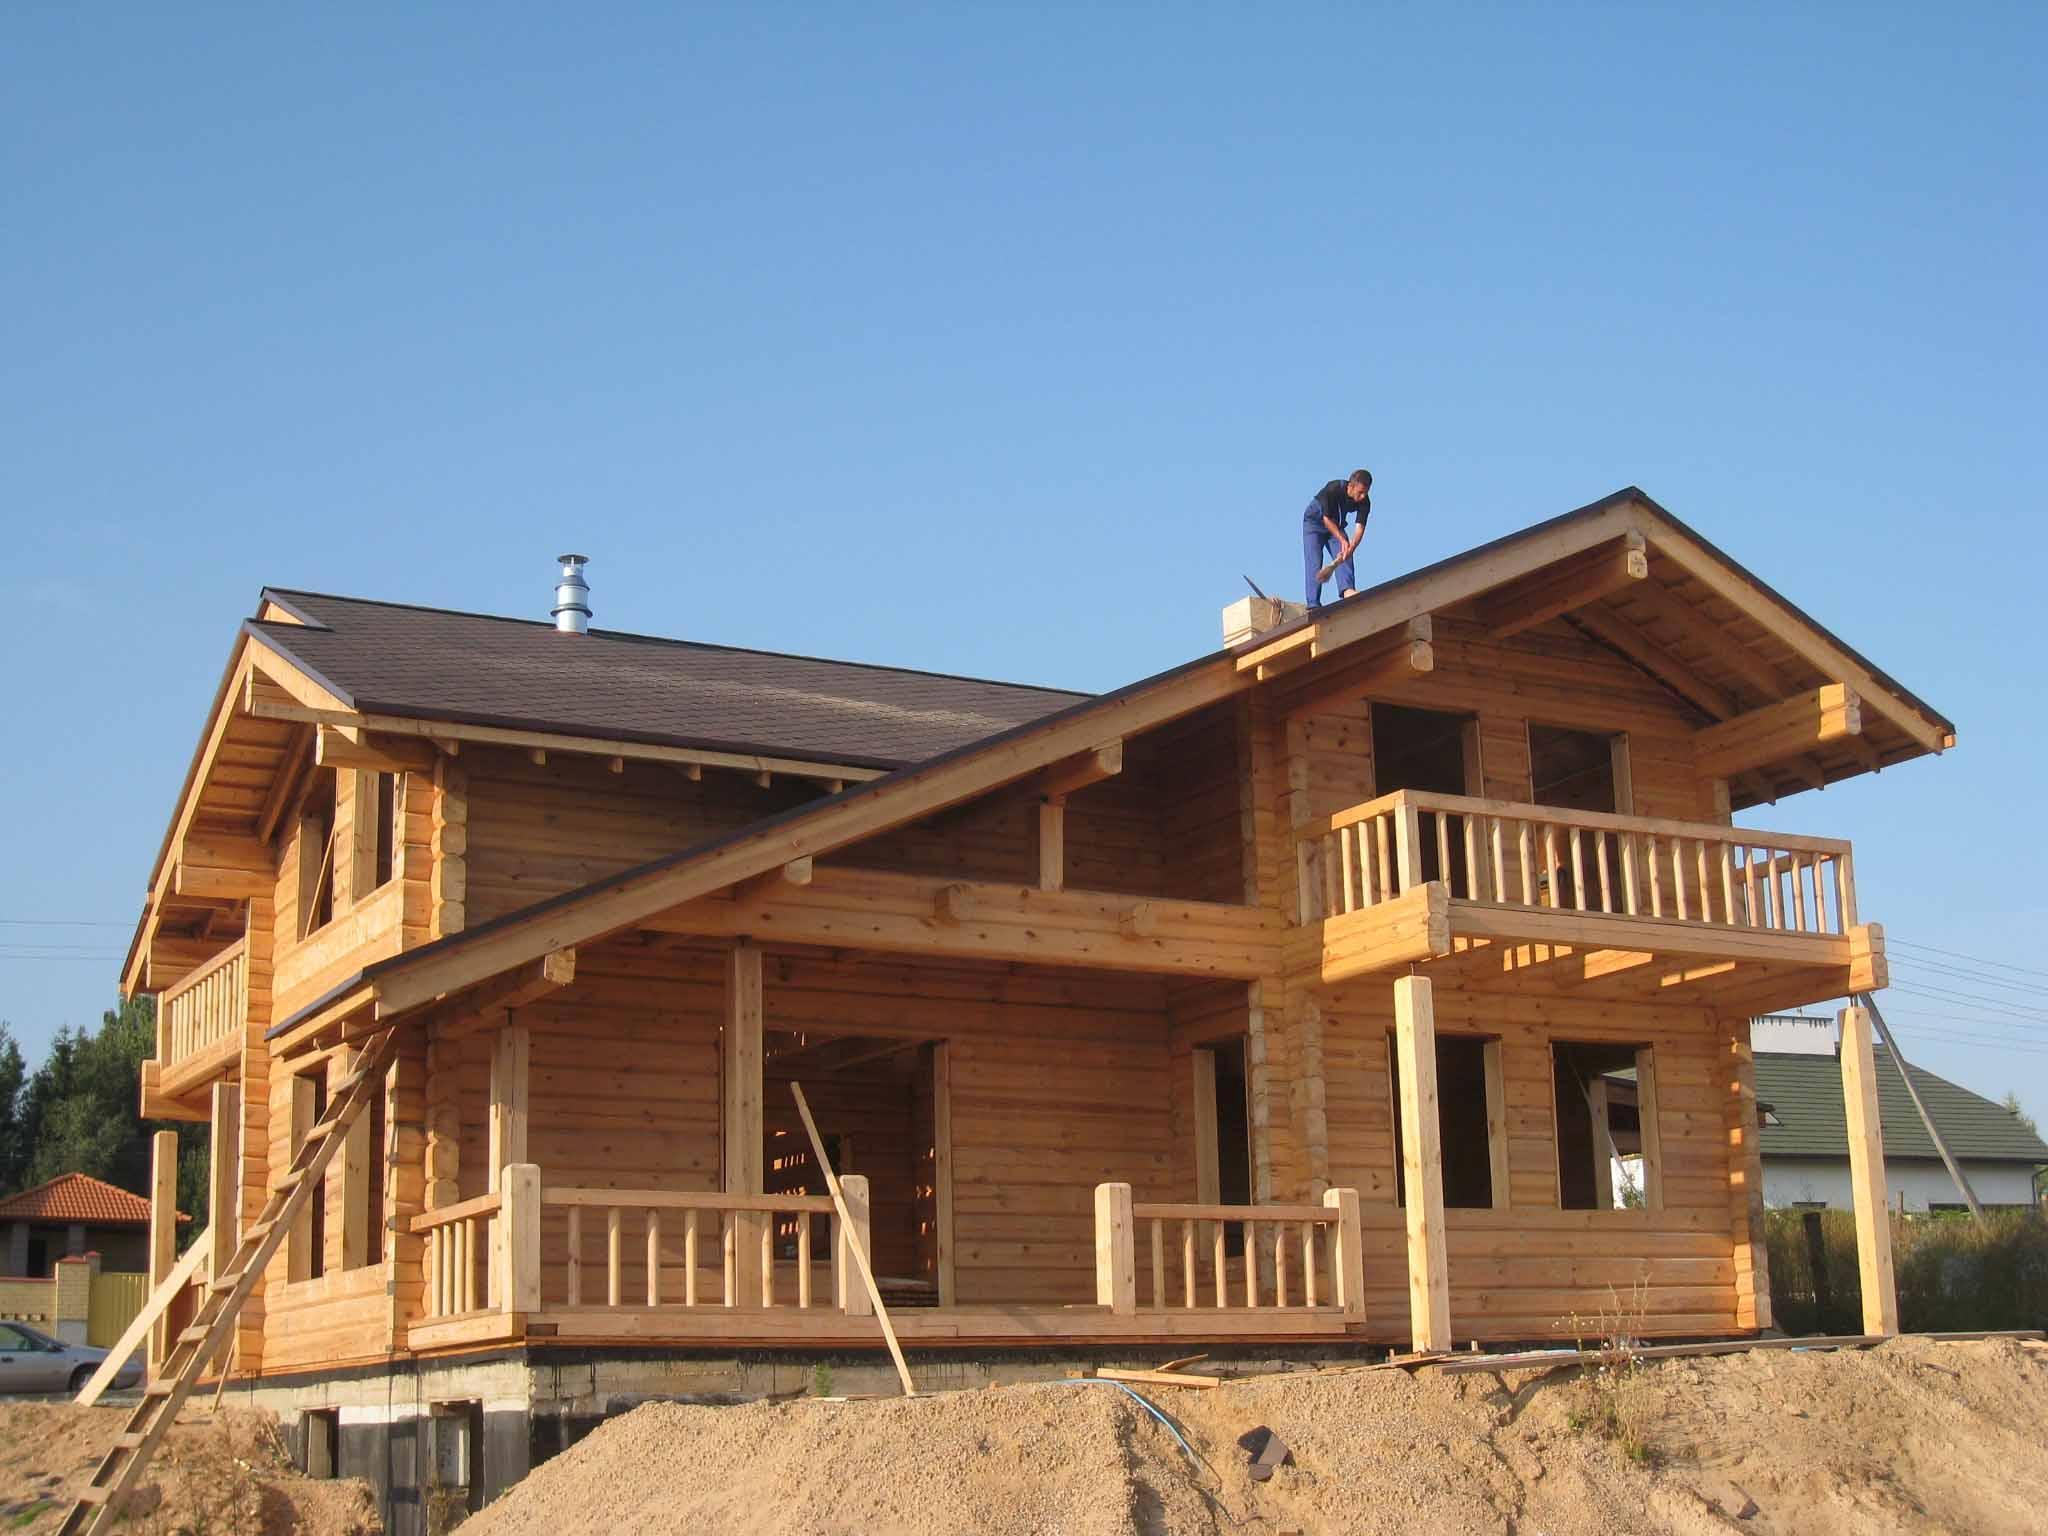 Dom drewniany z bali frezowanych sosna zwyczajna pinus - Imagenes de casas de madera ...